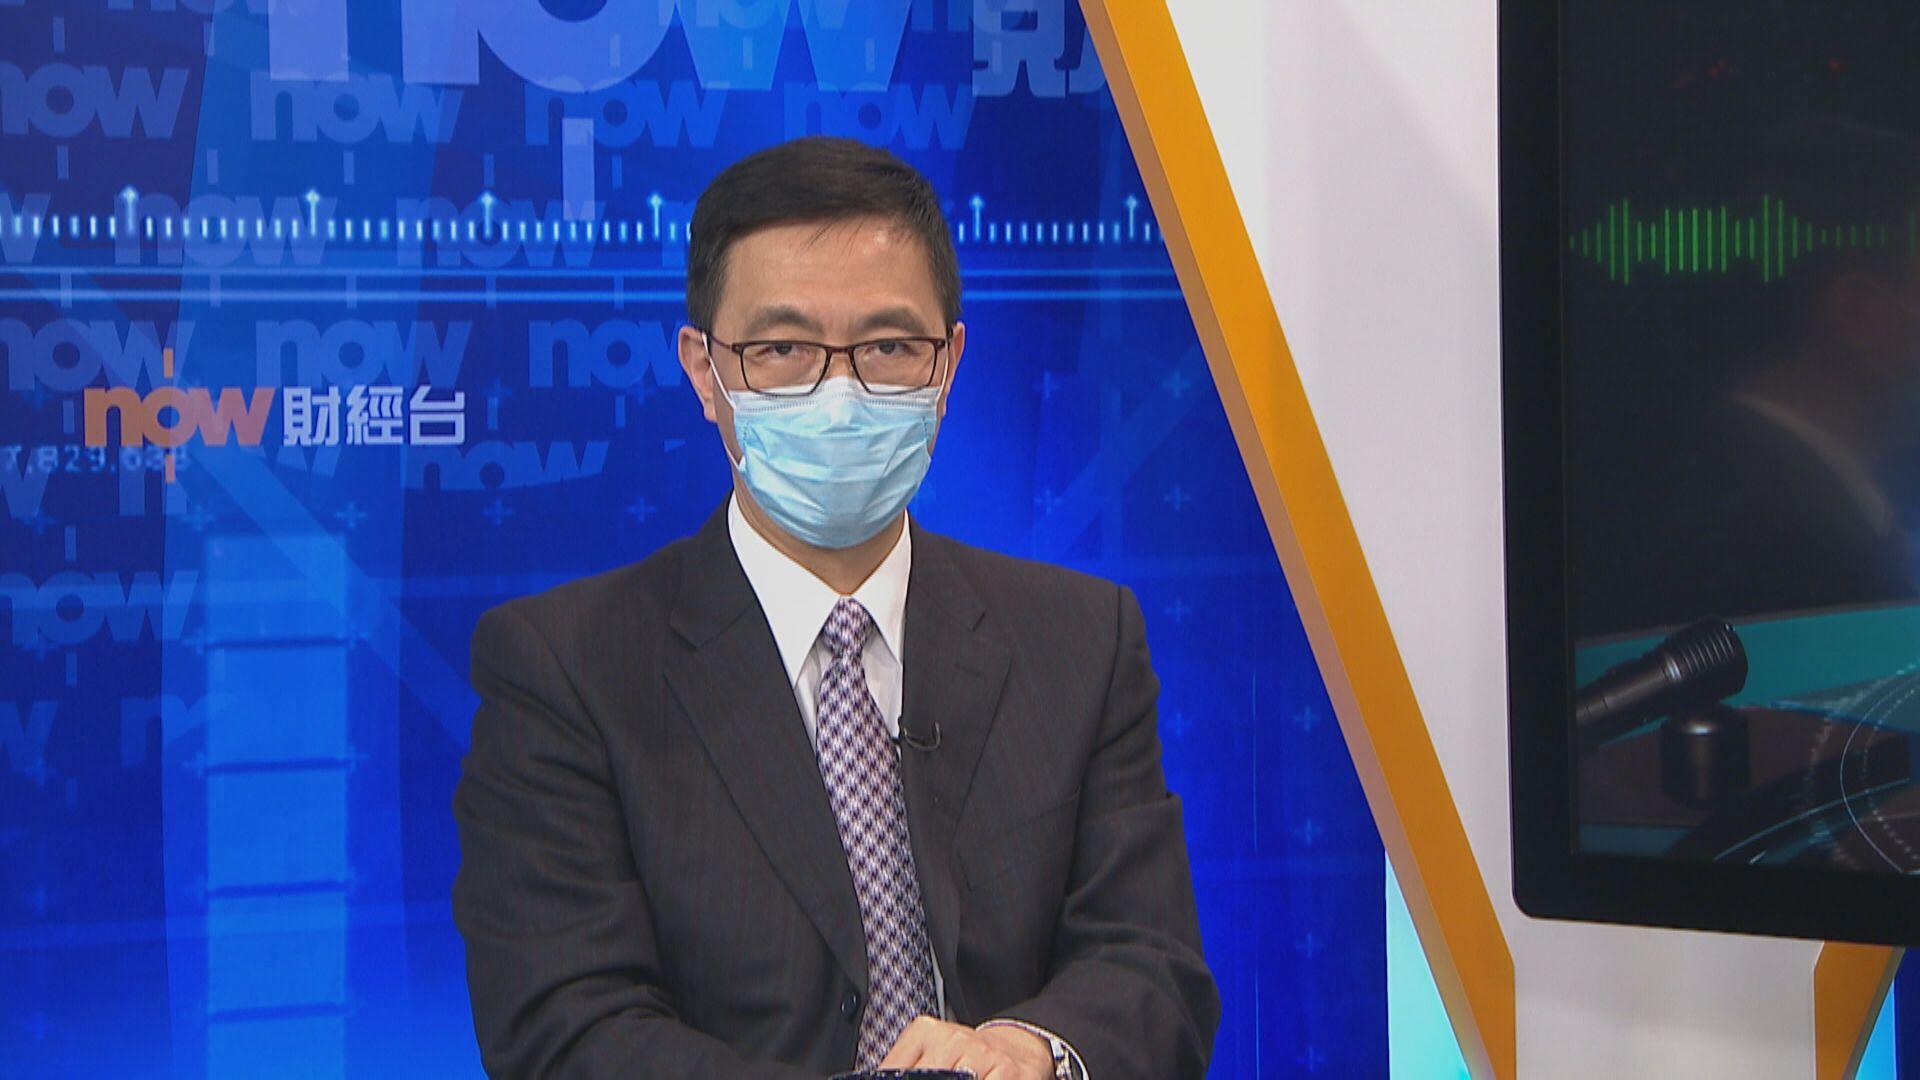 楊潤雄:無強迫教師恆常檢測才可復課